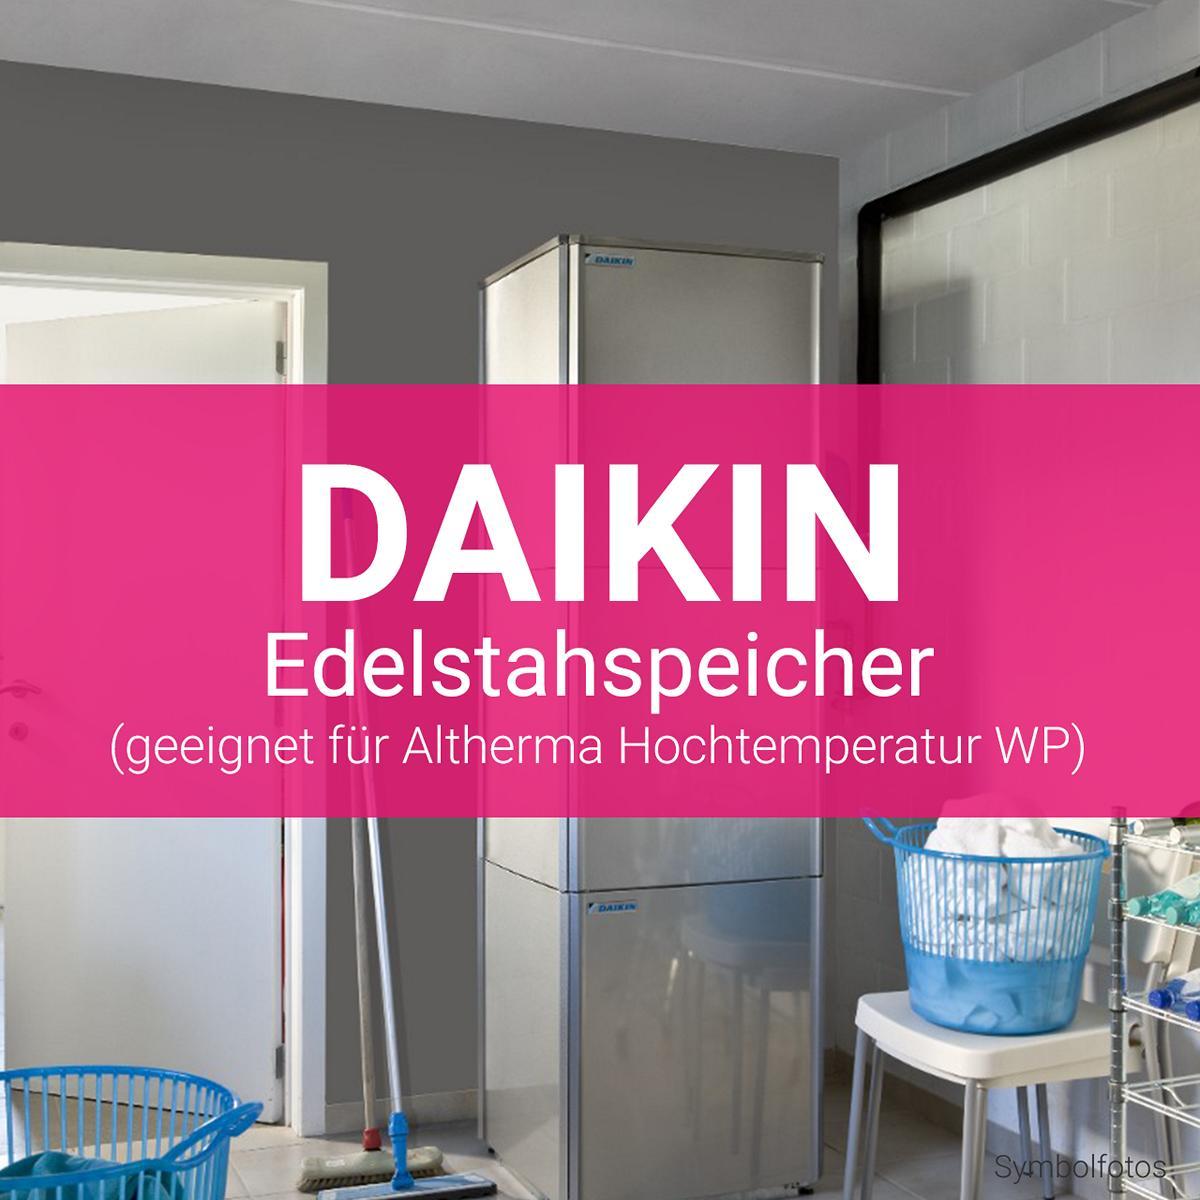 Daikin Edelstahlspeicher Altherma Hochtemperatur Wärmepumpe